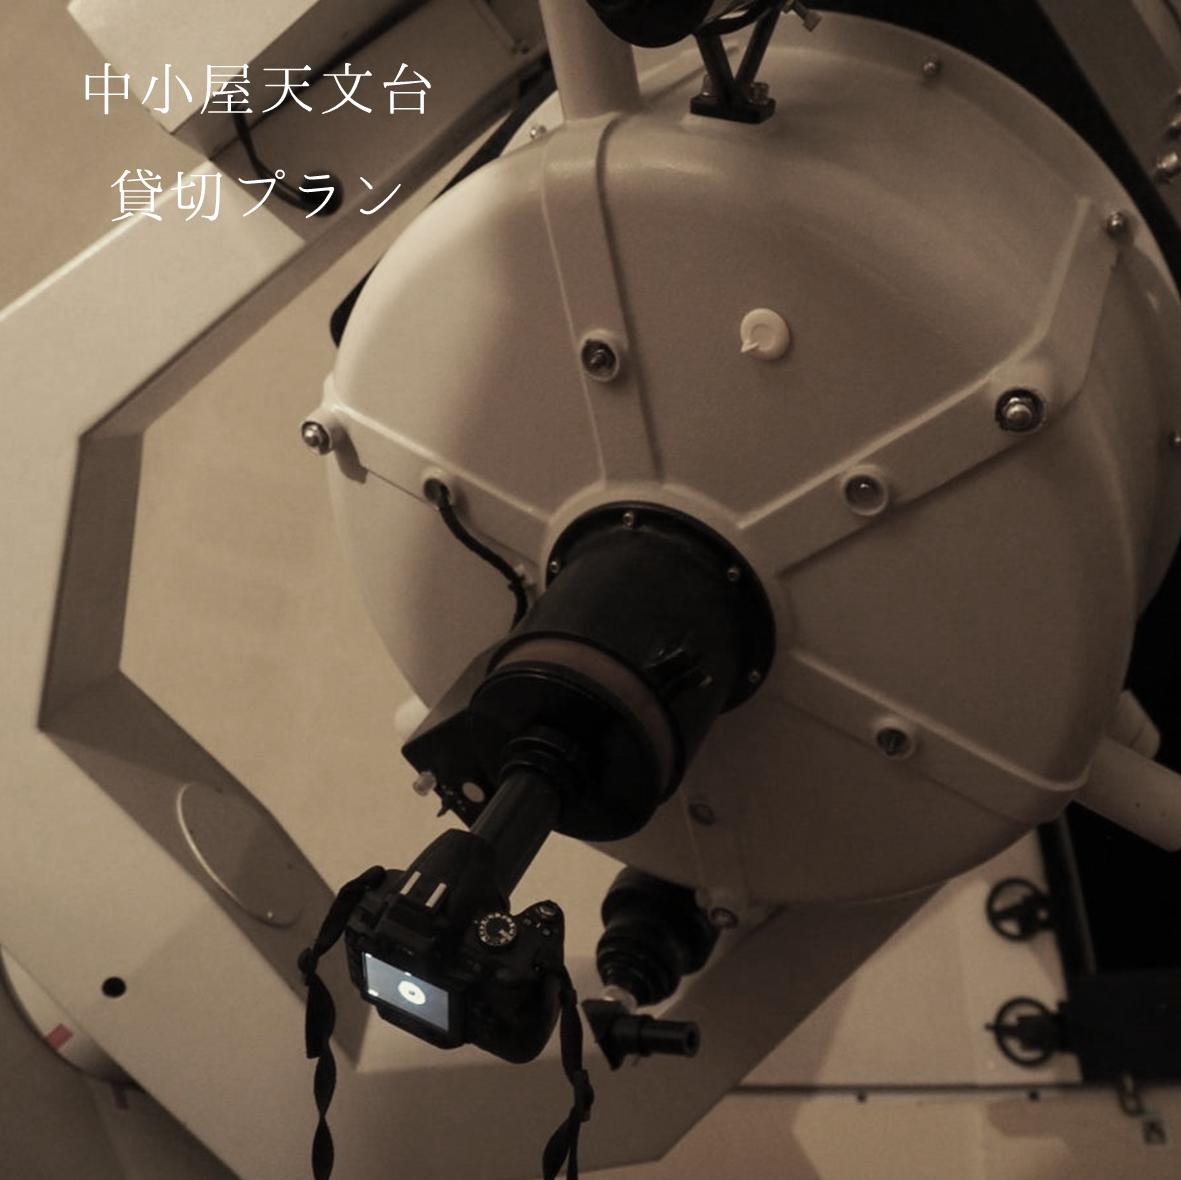 平日1日1組限定!中小屋天文台 貸切プラン